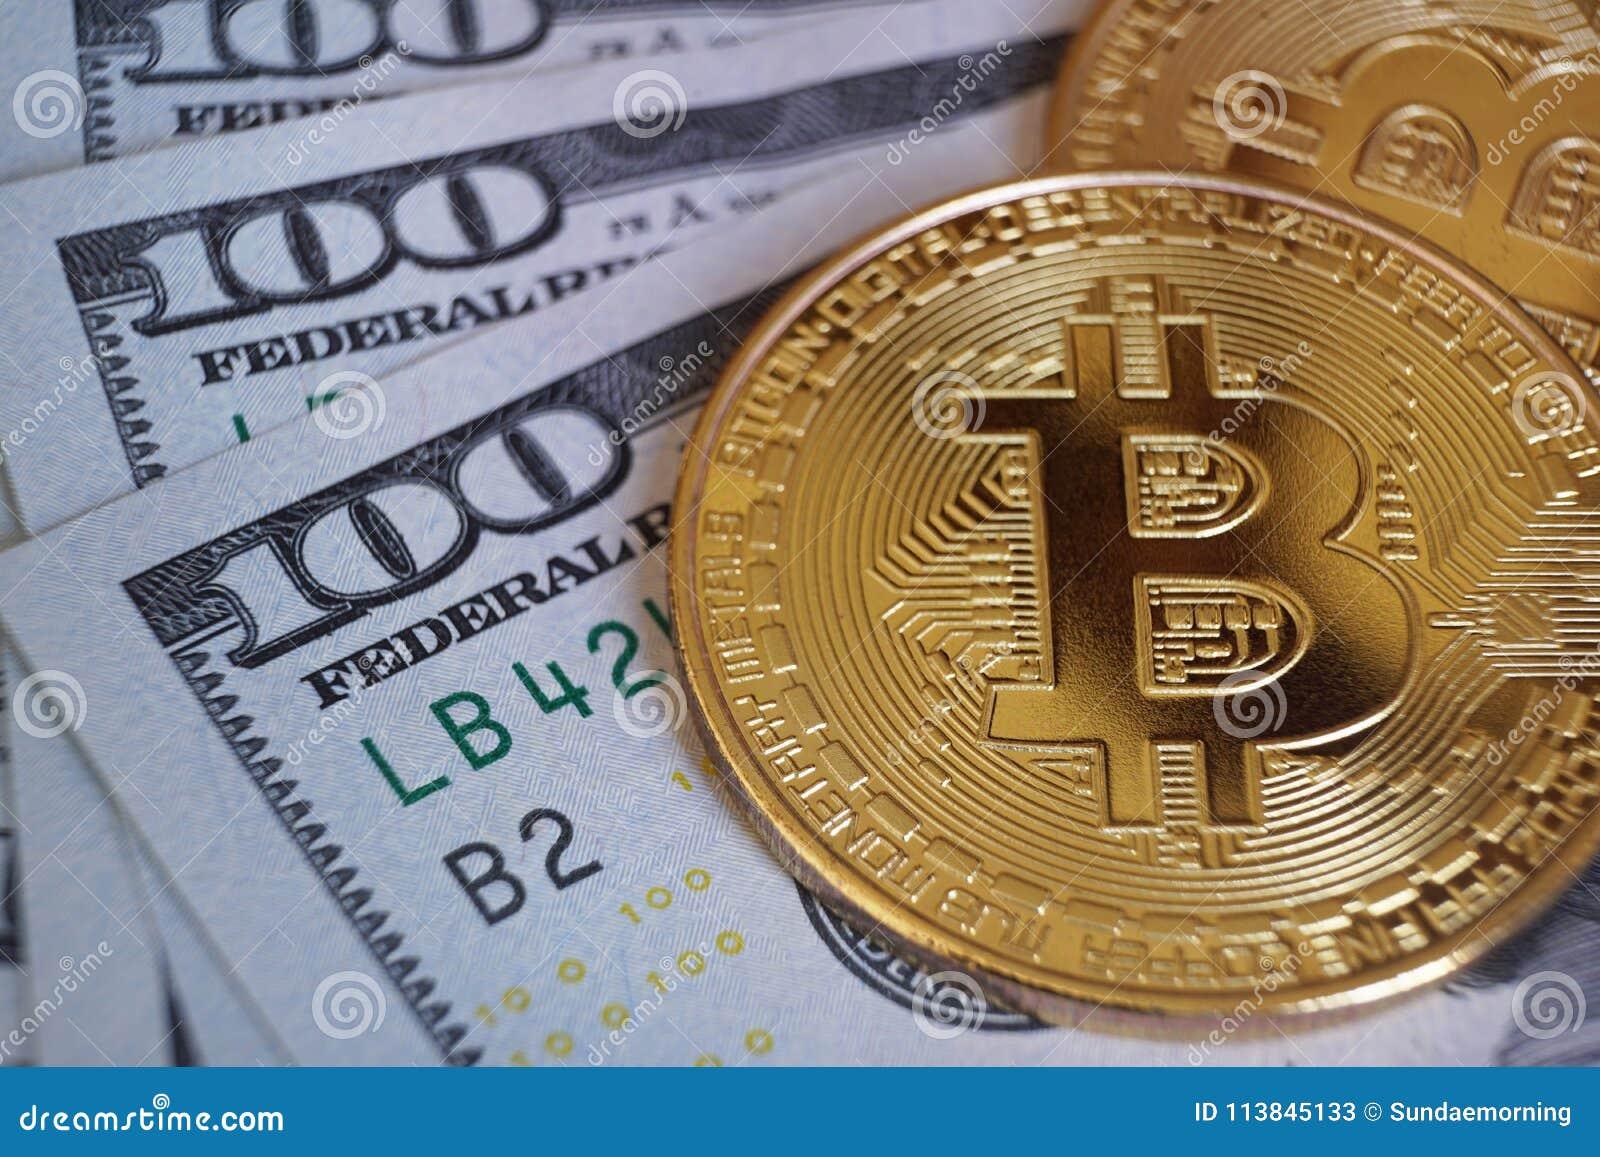 quotata in borsa bitcoin scorte profit calcolatrice criptovaluta